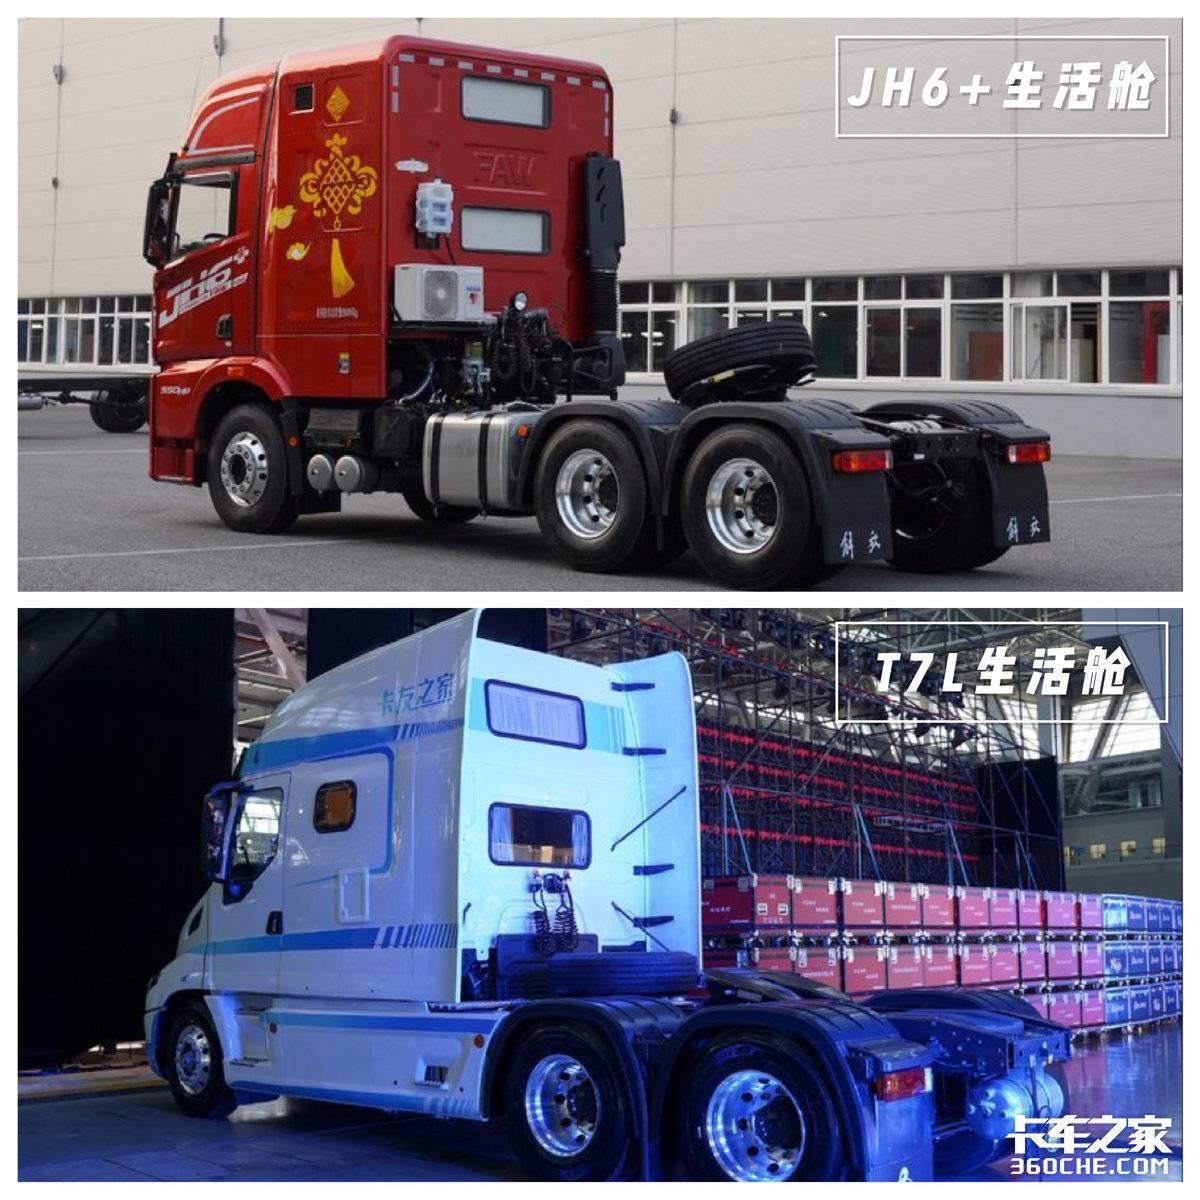 JH6对比乘龙T7L谁更适应国内运输场景